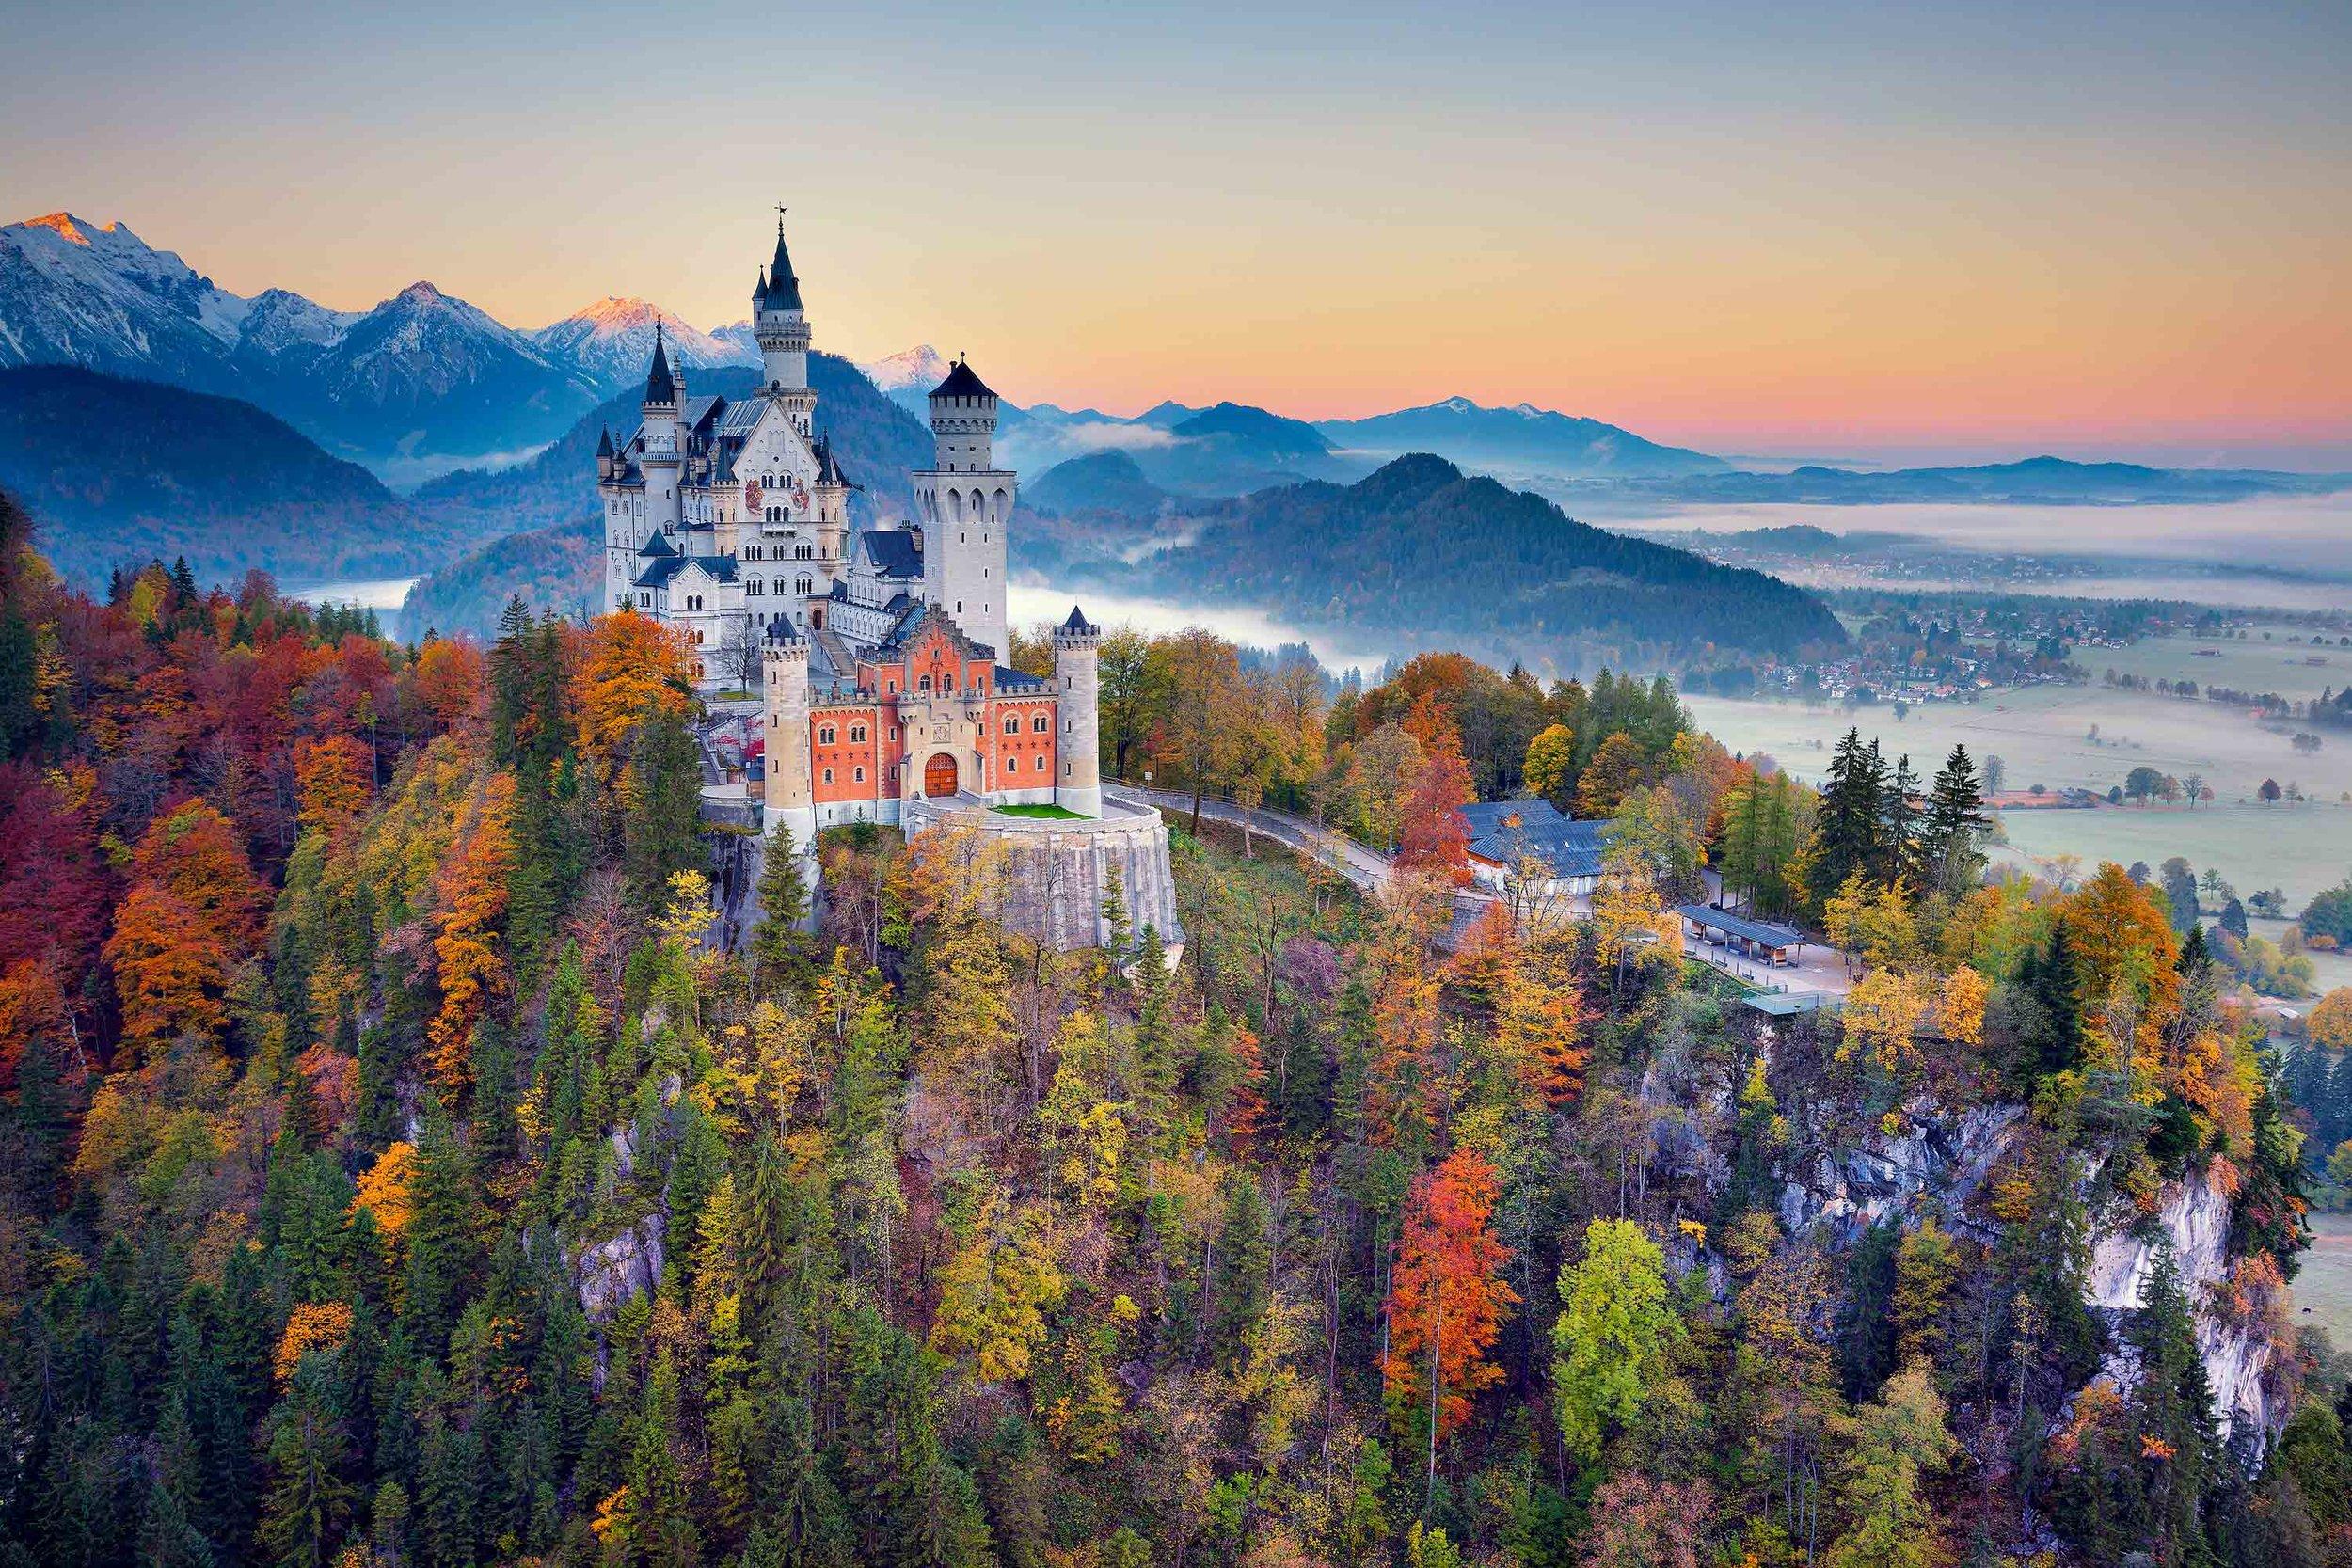 neuschwanstein-castle-bavaria-germany.jpg